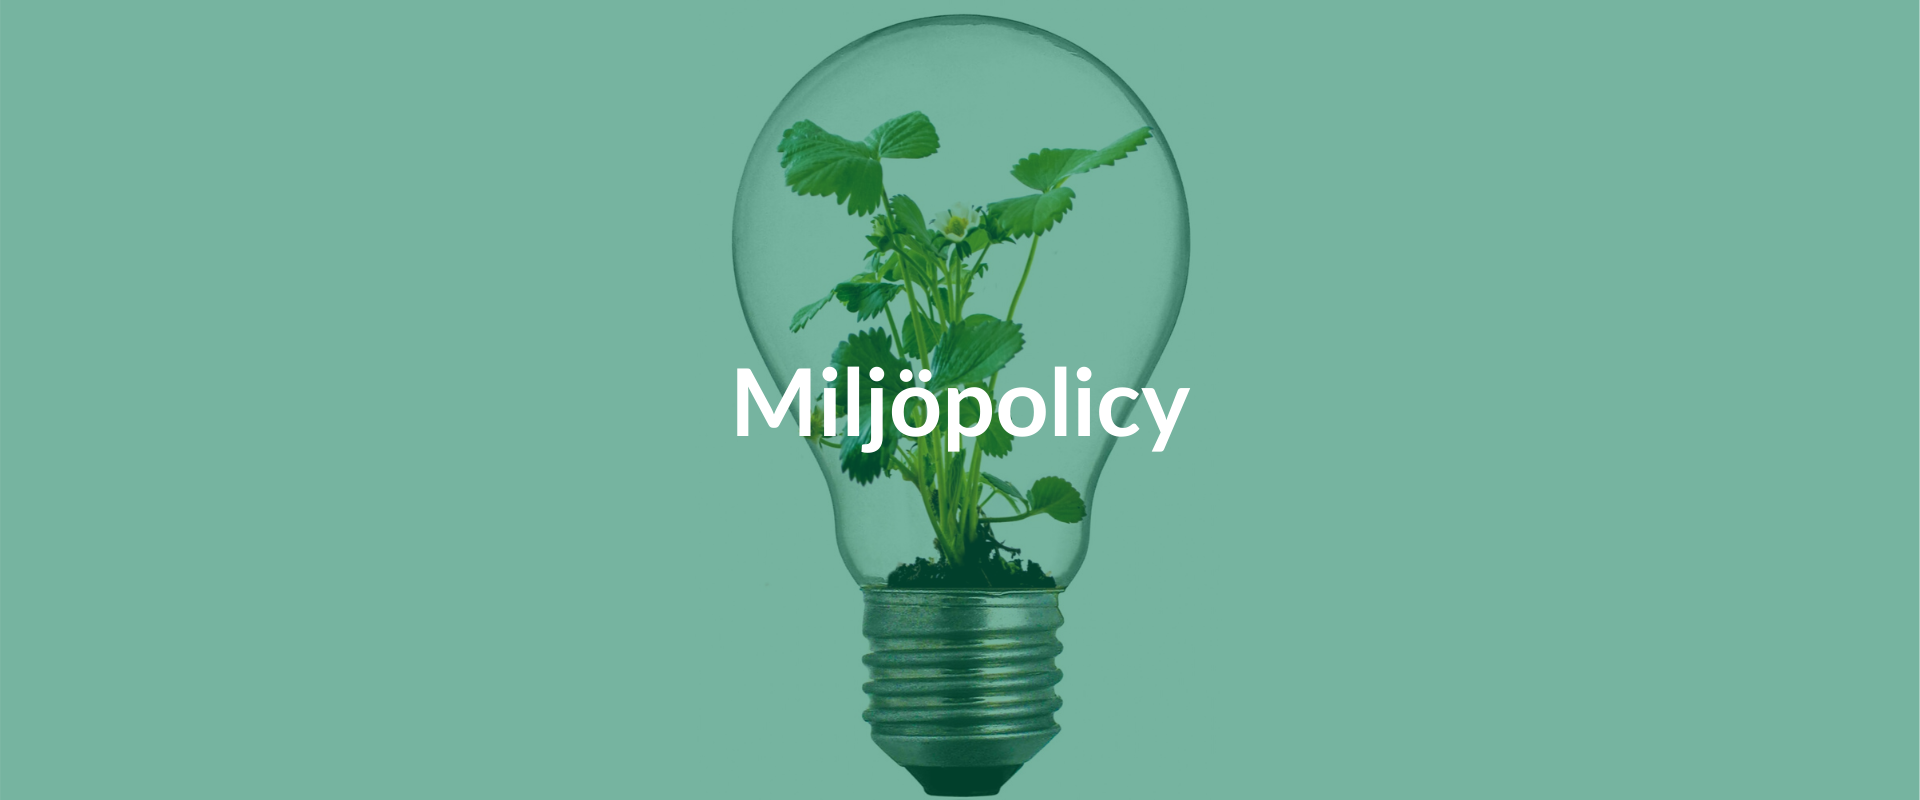 Miljöpolicy | Företagsväxter